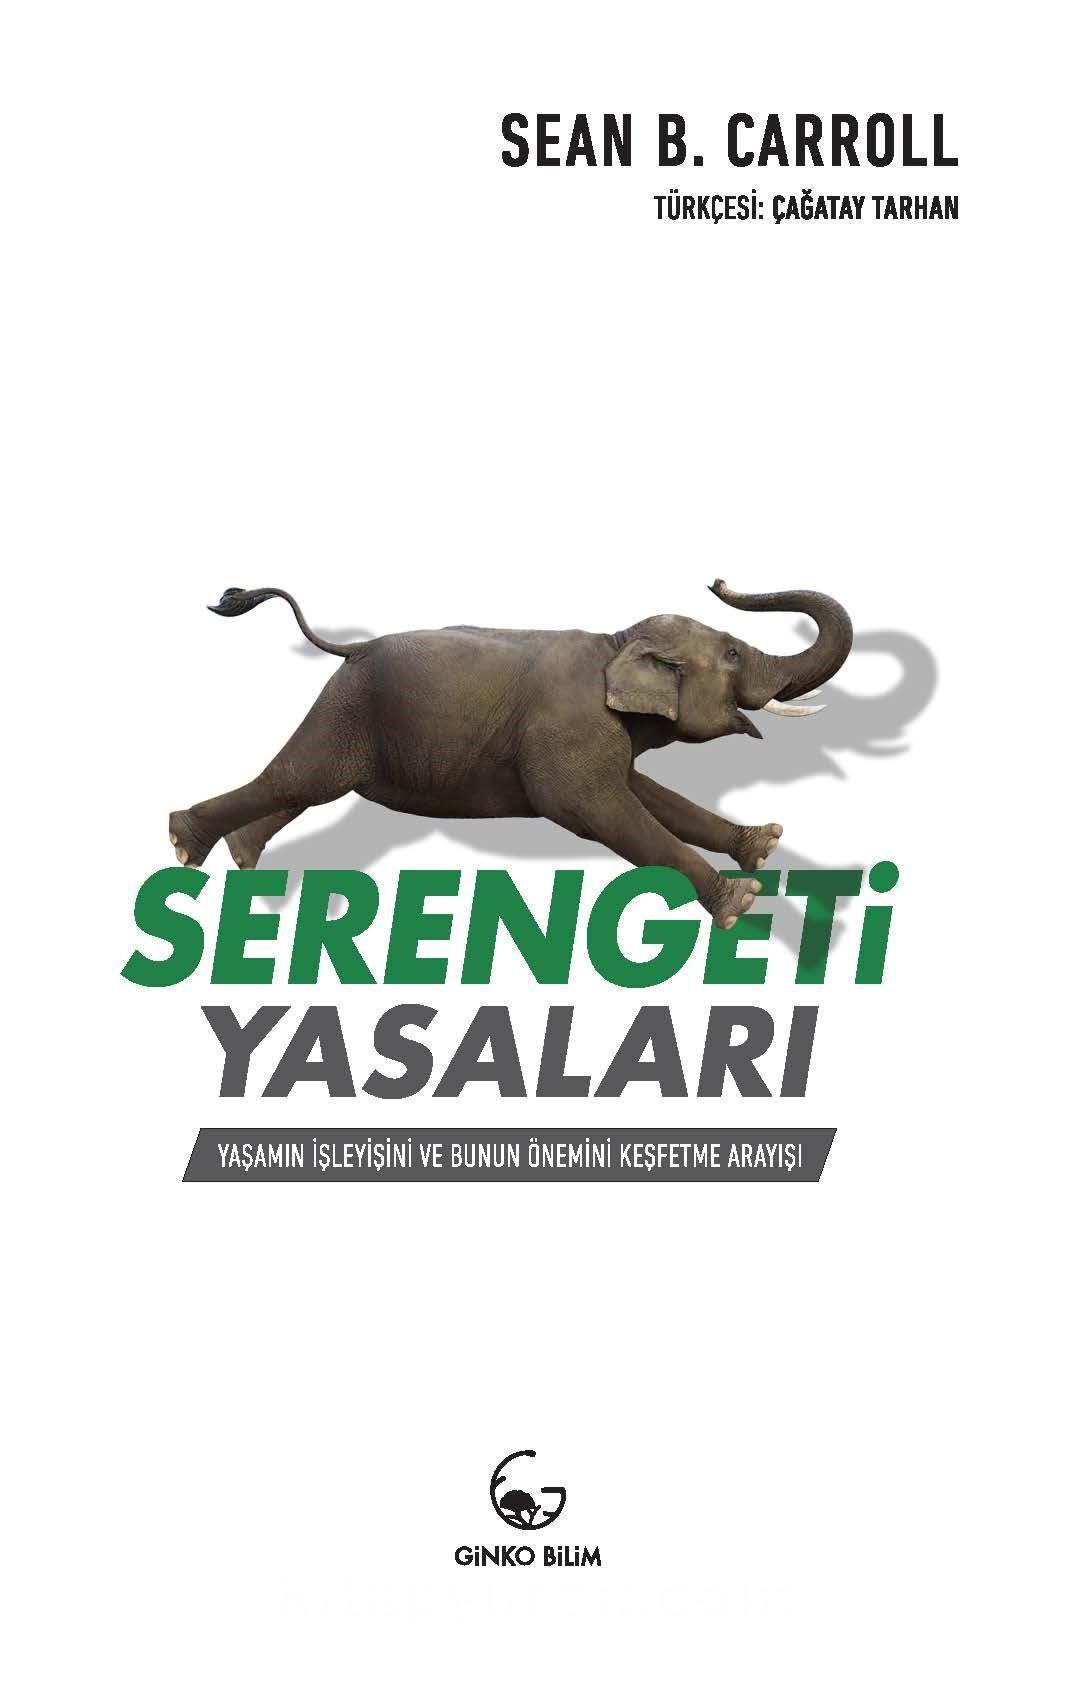 Serengeti yasaları sean b. Carroll